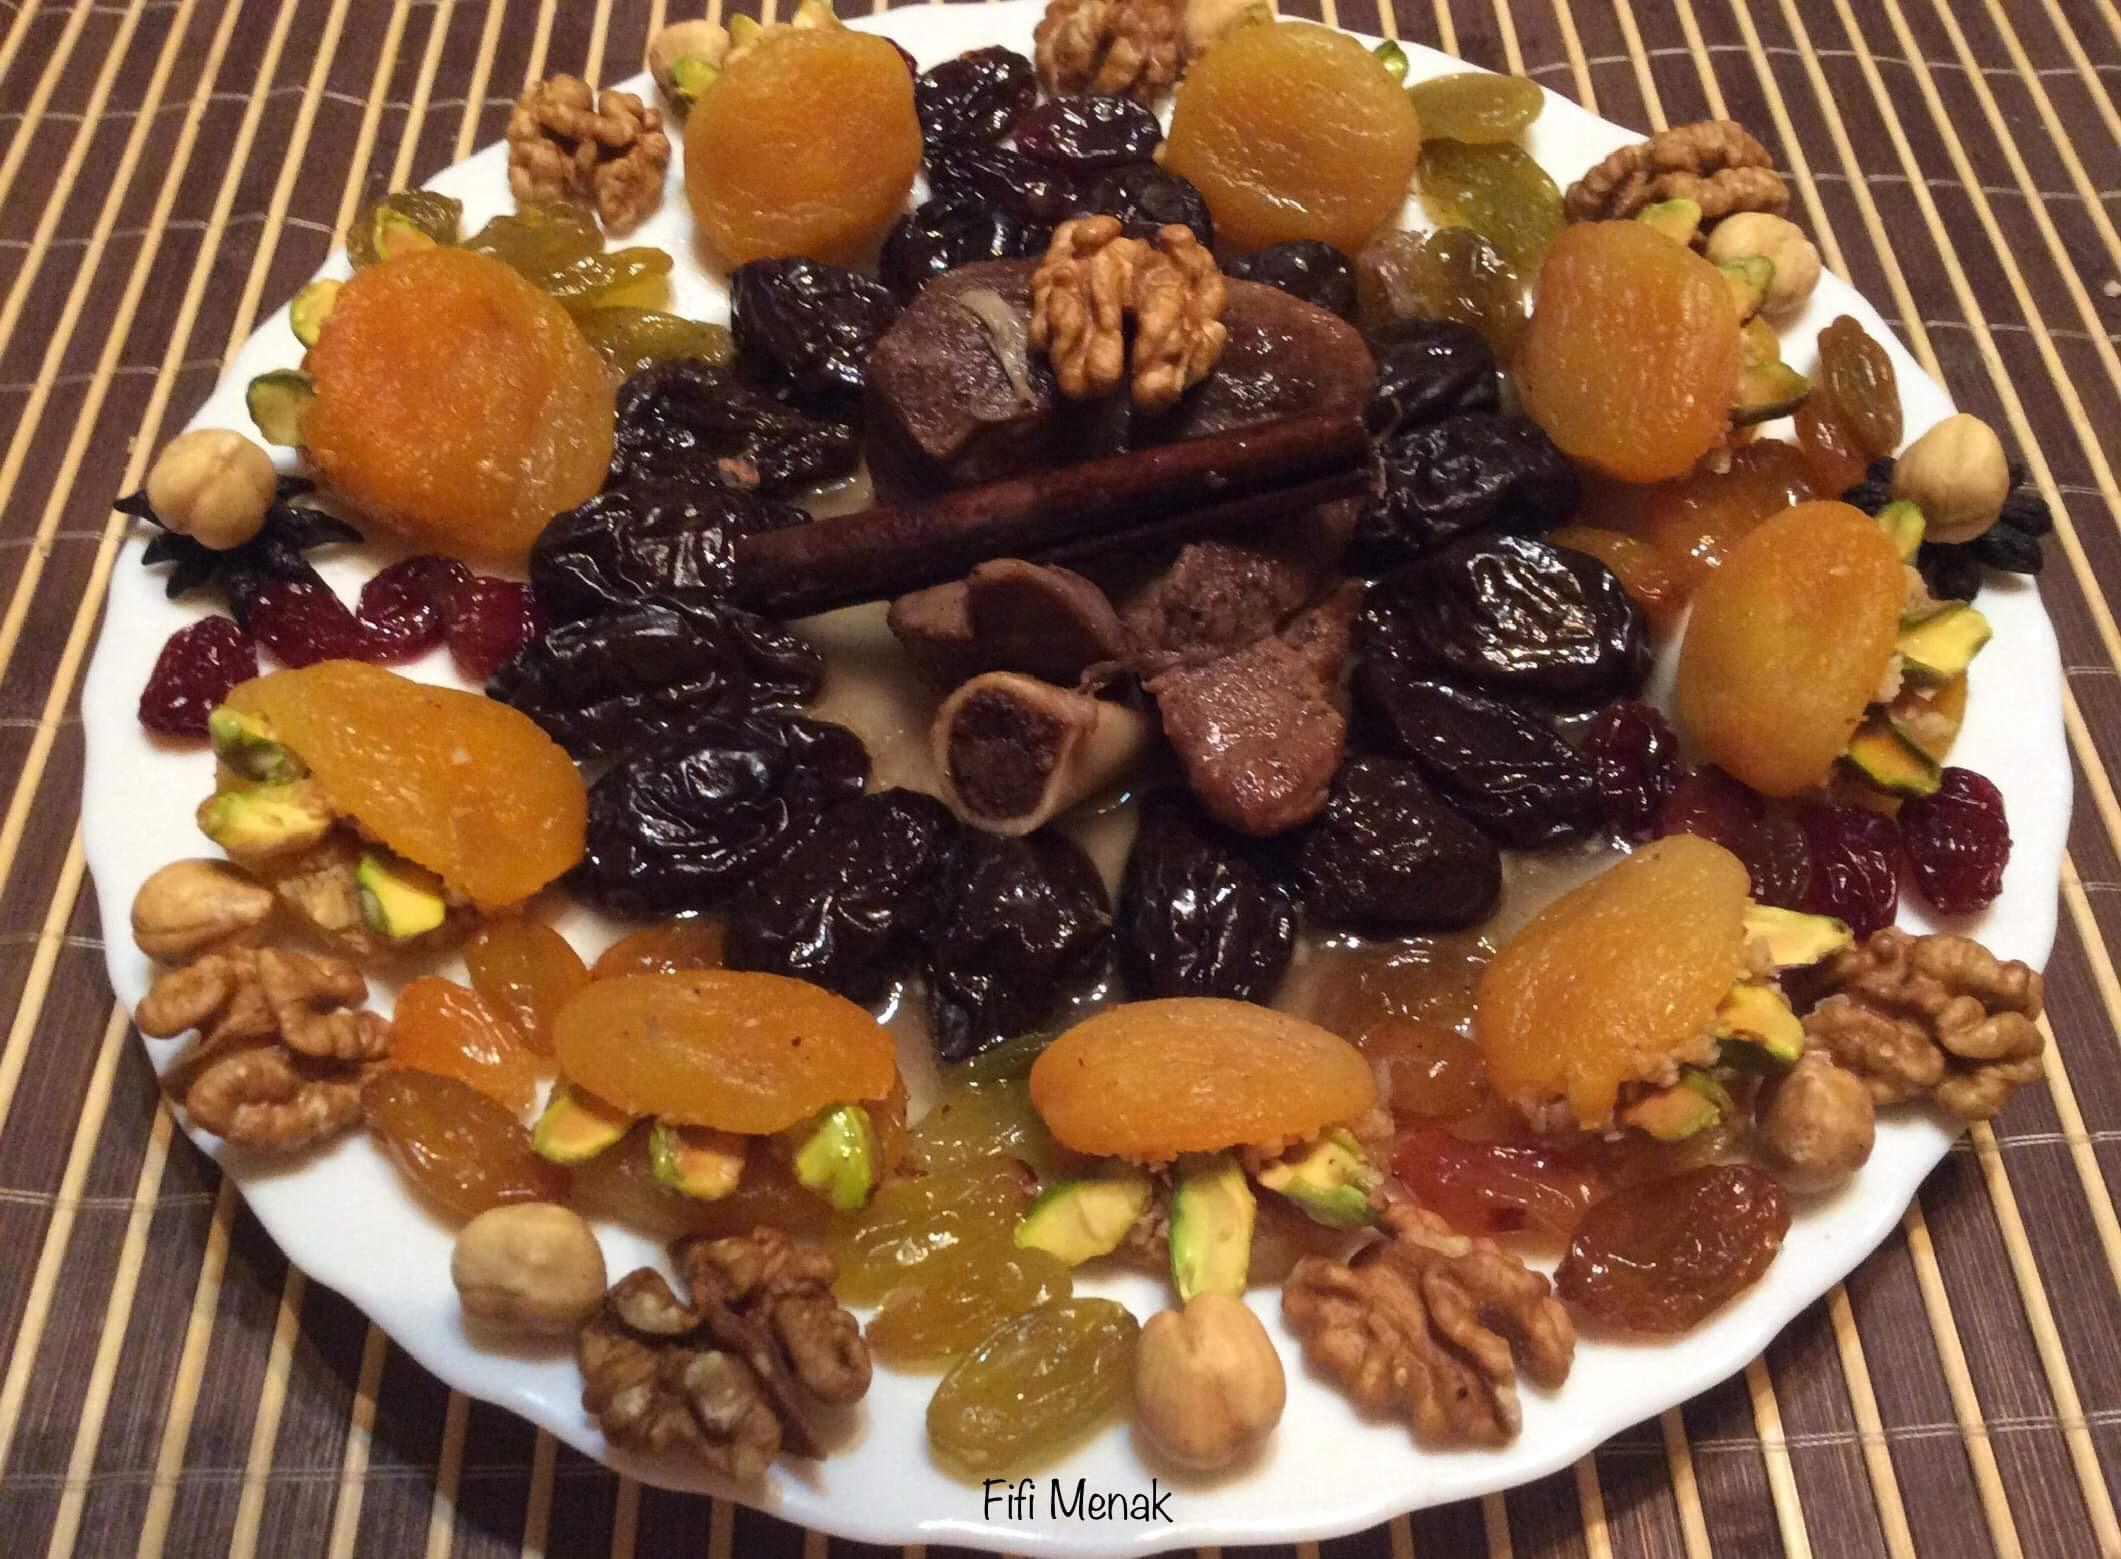 Viande sucrée aux pruneaux et fruits secs (L'ham lahlou)